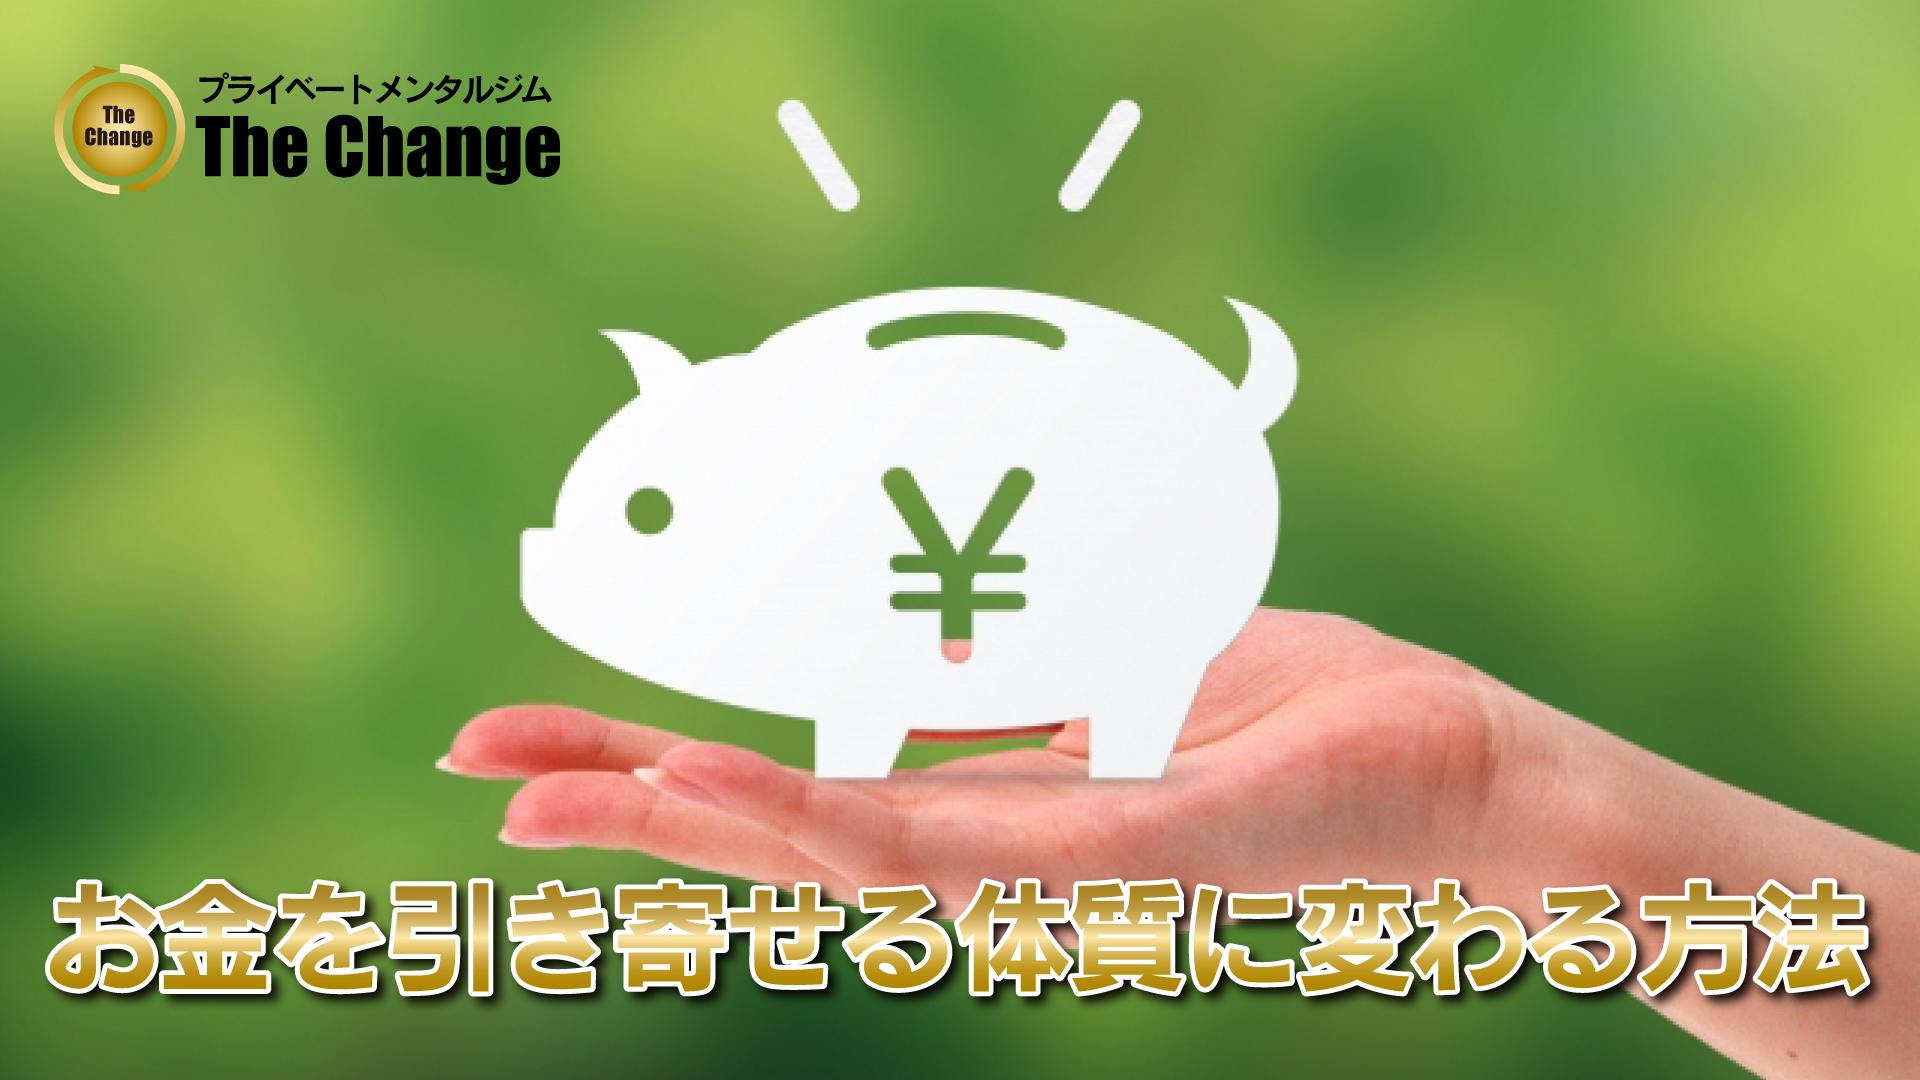 お金を引き寄せる体質に変わる方法:メンタルジムThe Change